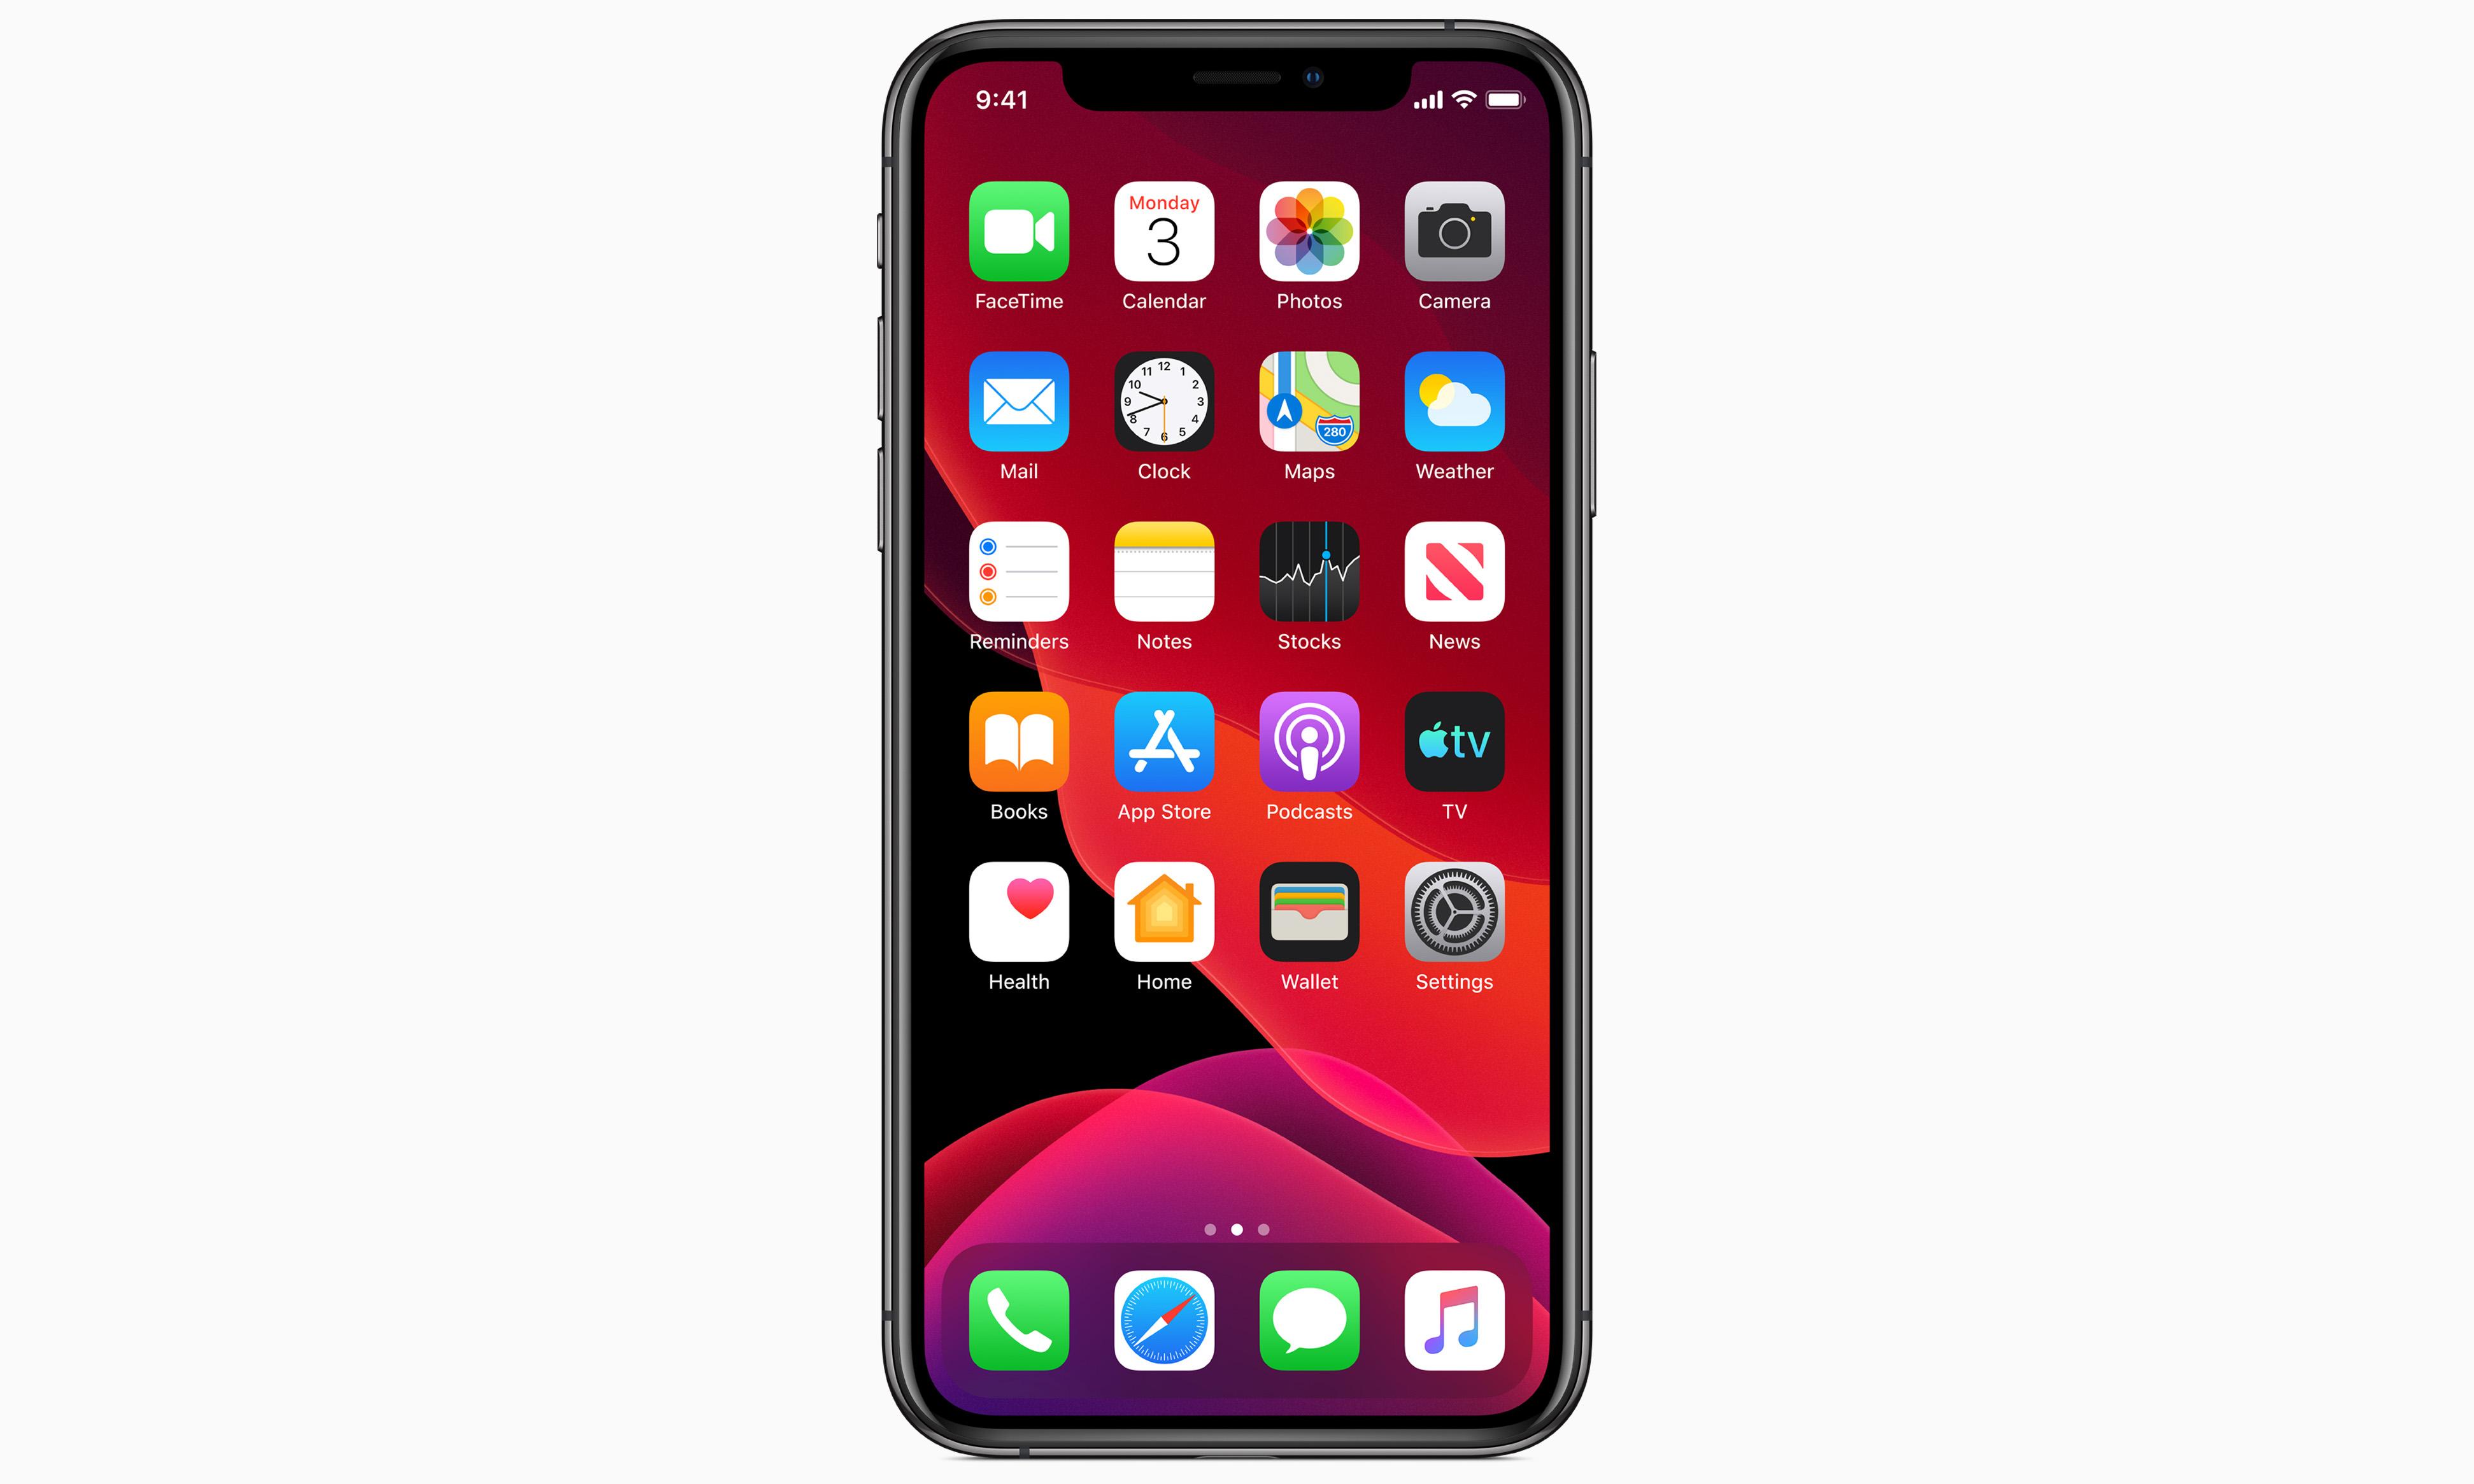 苹果正式发布新一代 iOS 13